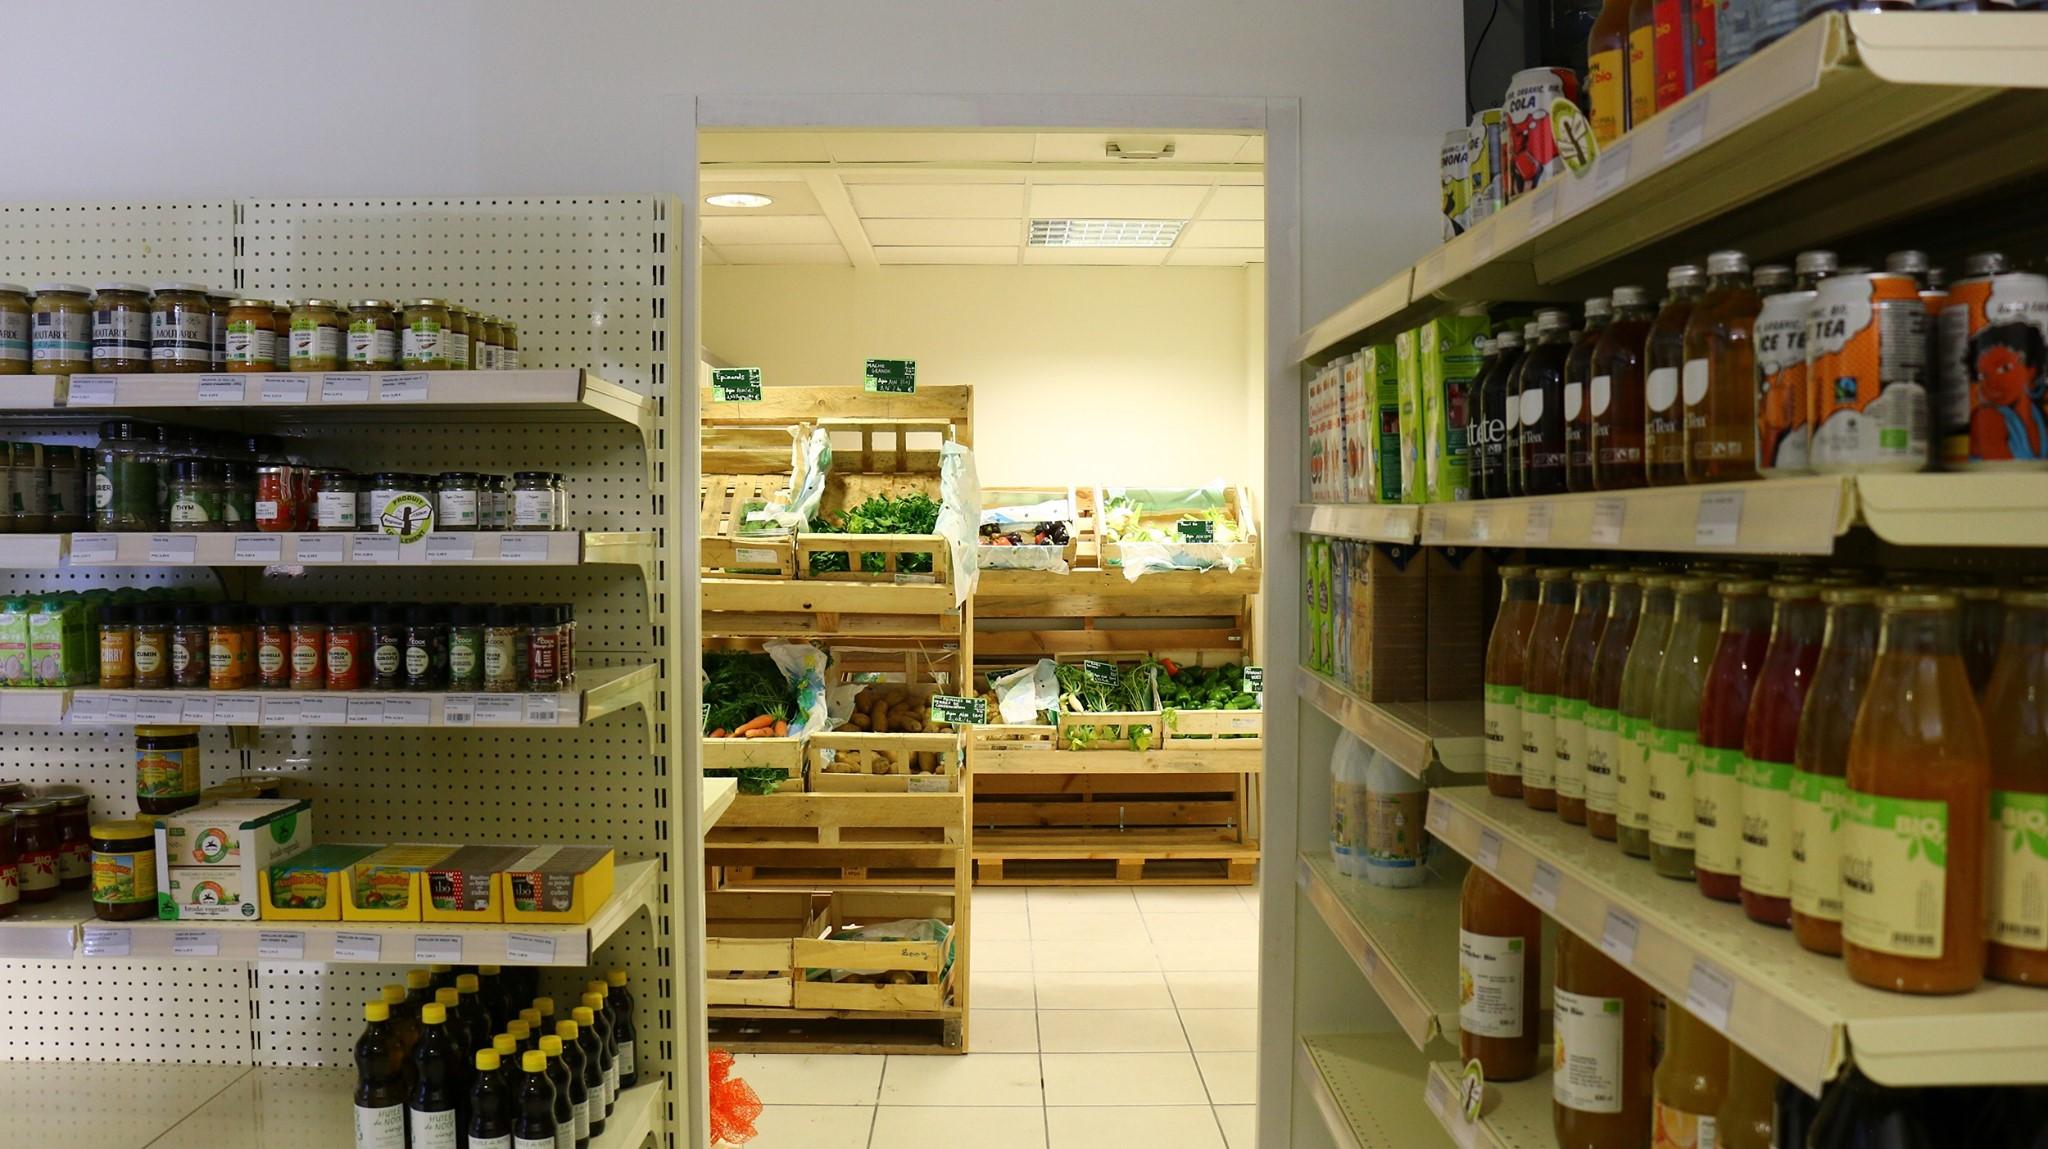 [POURVU] Demain Supermarché (Lyon, 69) Recrute Un·e Co-gestionnaire Polyvalent·e Épicerie Et Chargé·e De Développement De La Structure